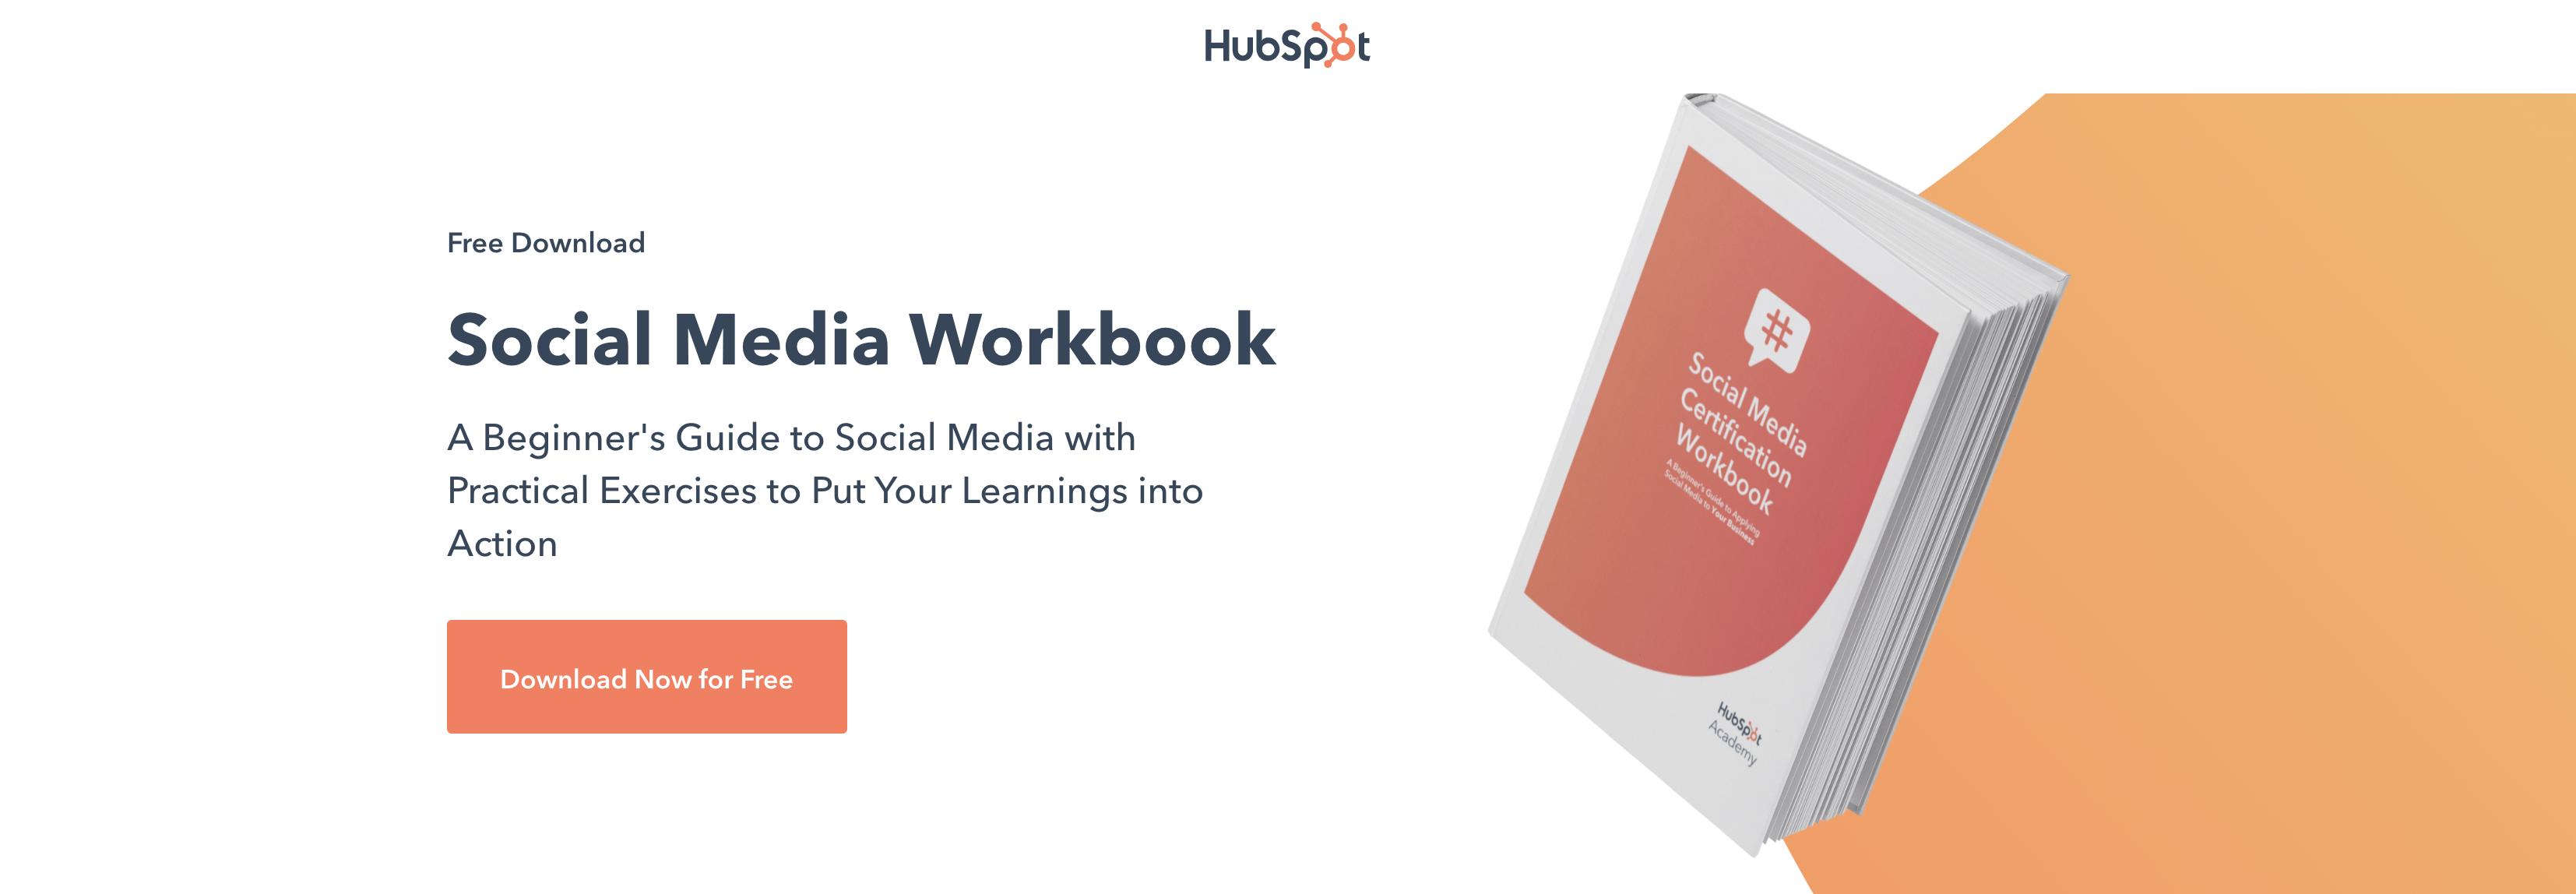 HubSpot Social Mediao Workbook Whitepaper